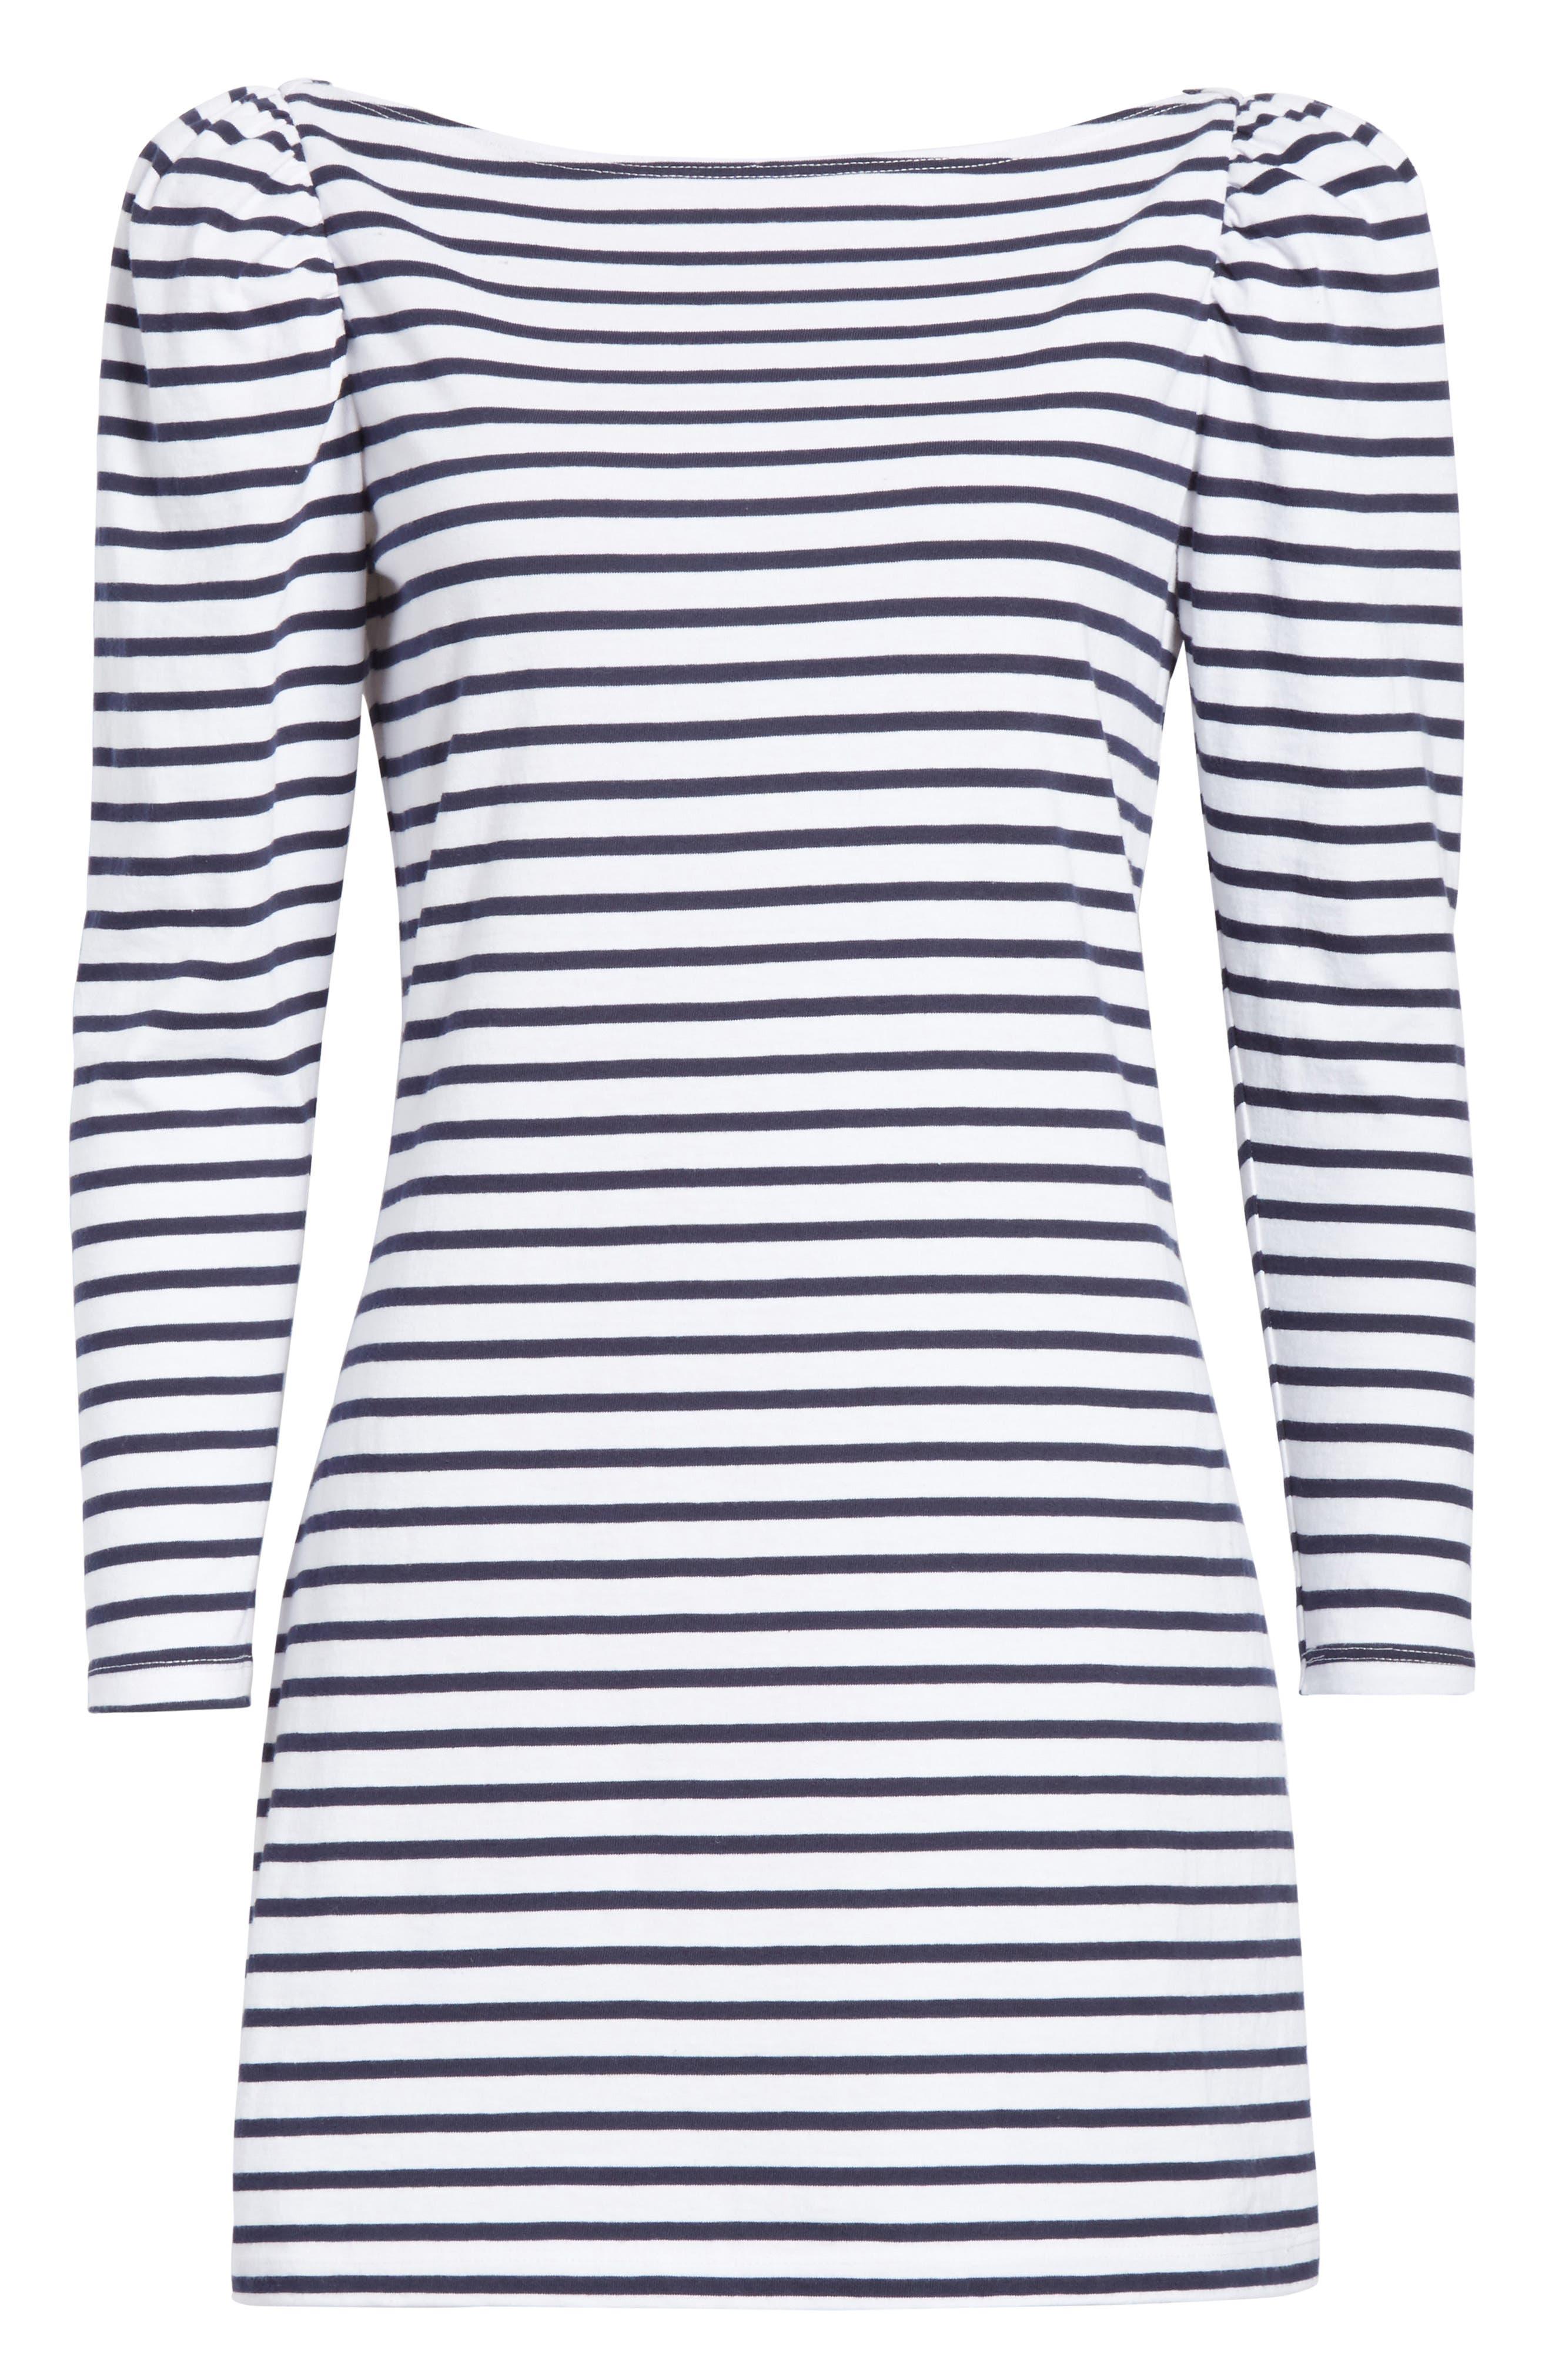 Stevens Stripe Dress,                             Alternate thumbnail 6, color,                             401